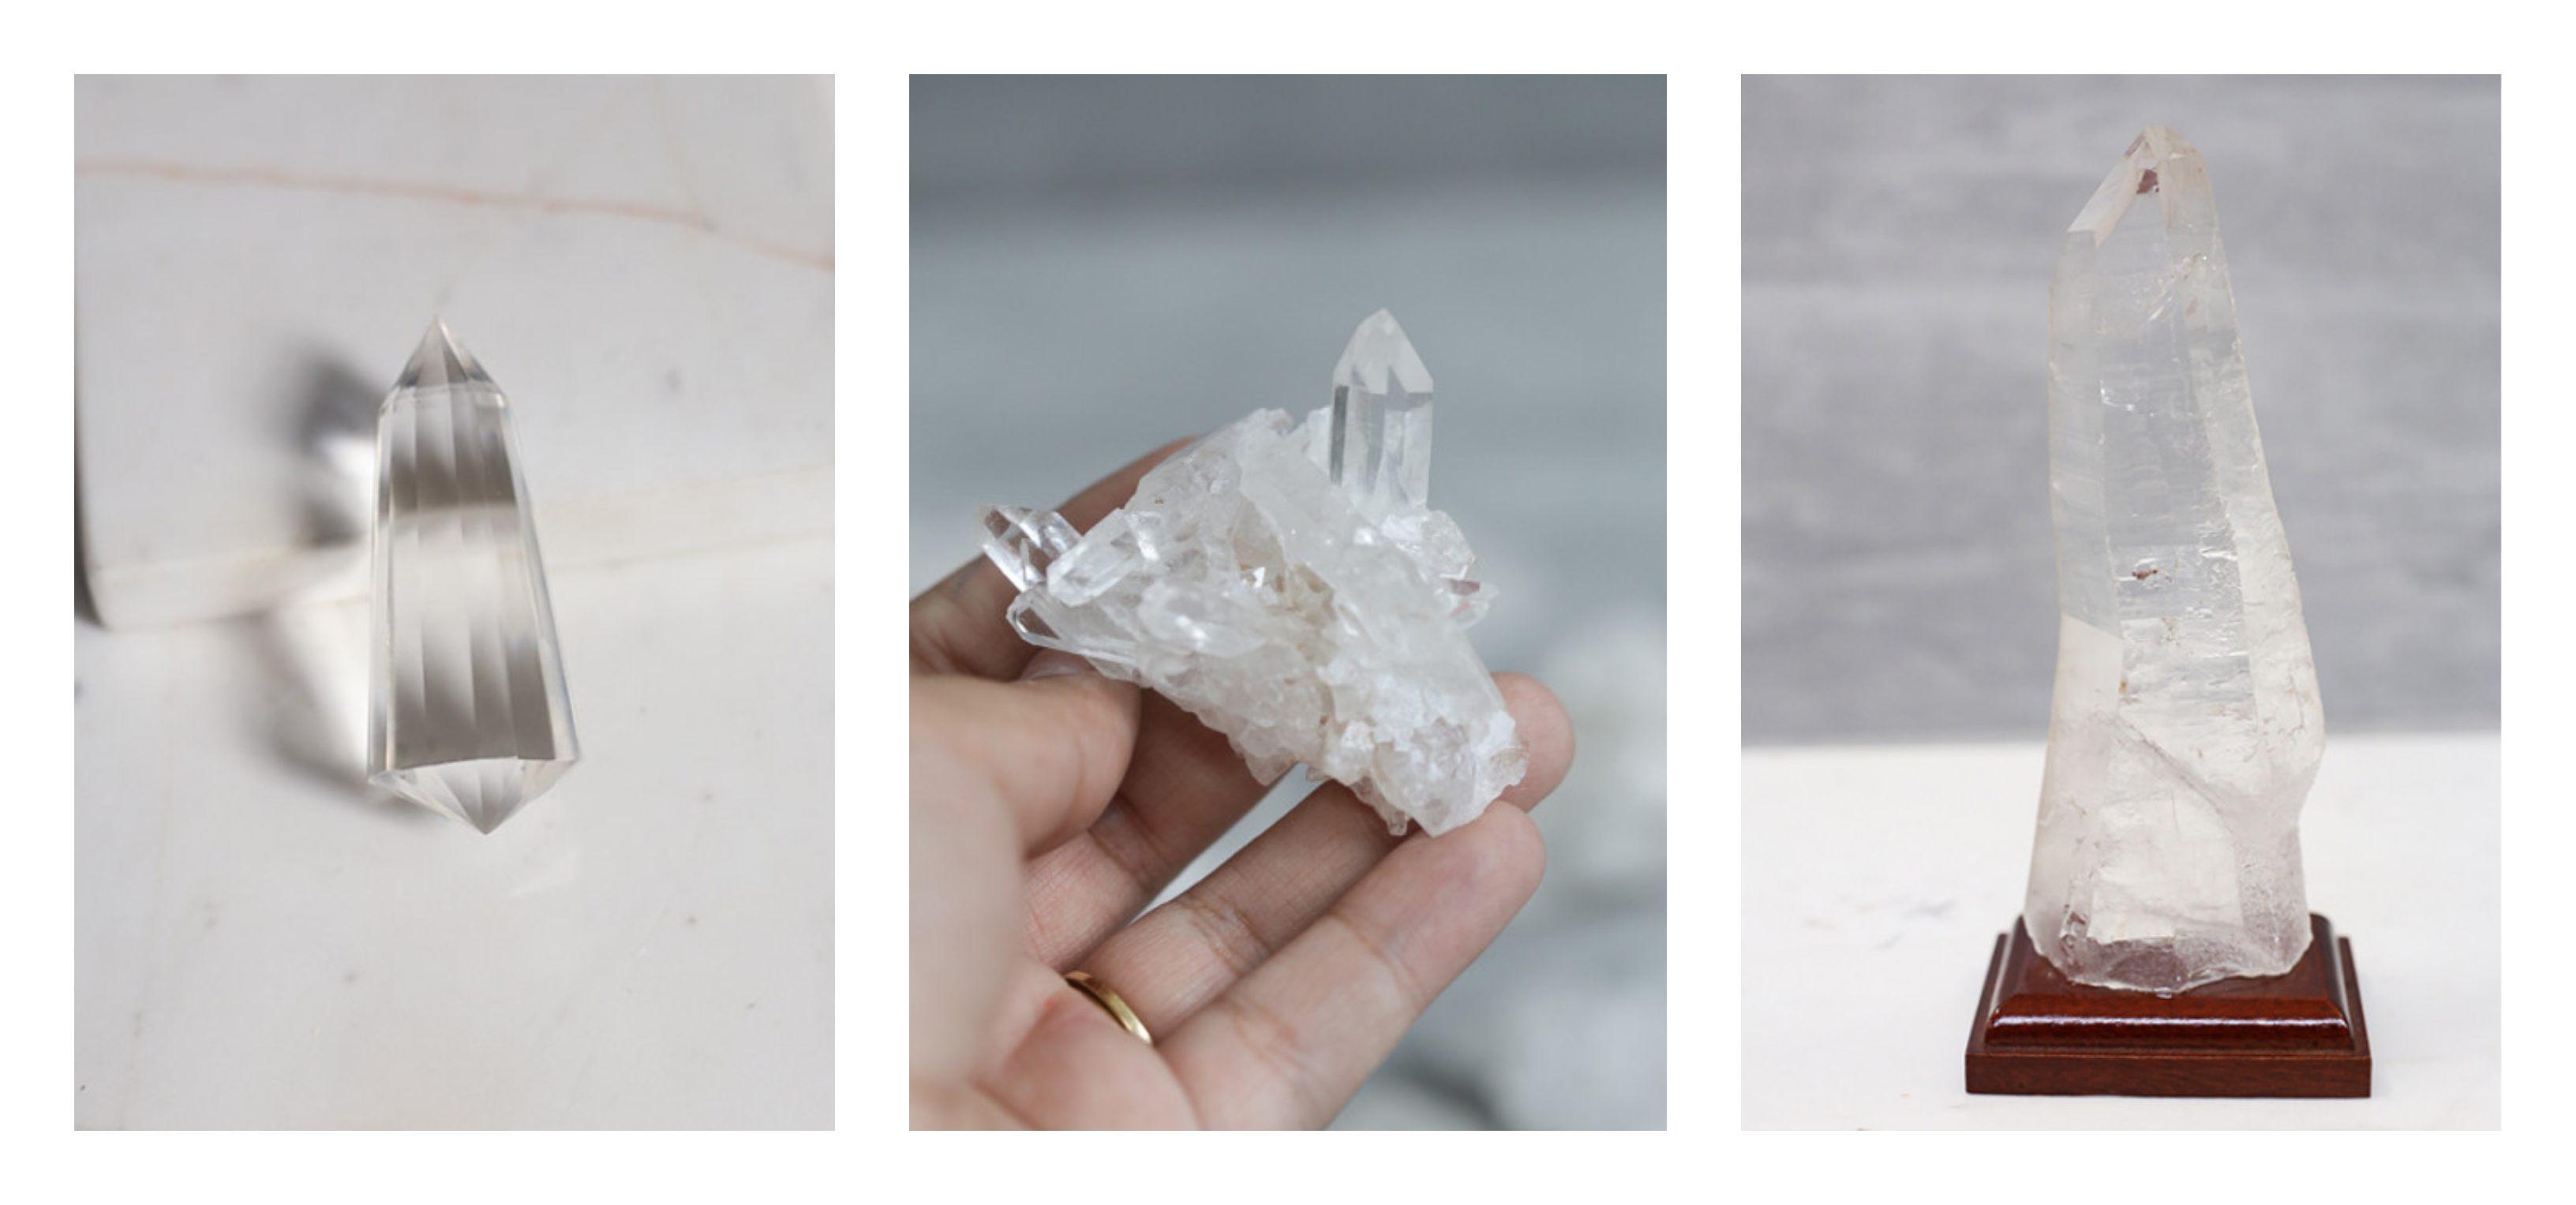 quartzo de cristal produtos